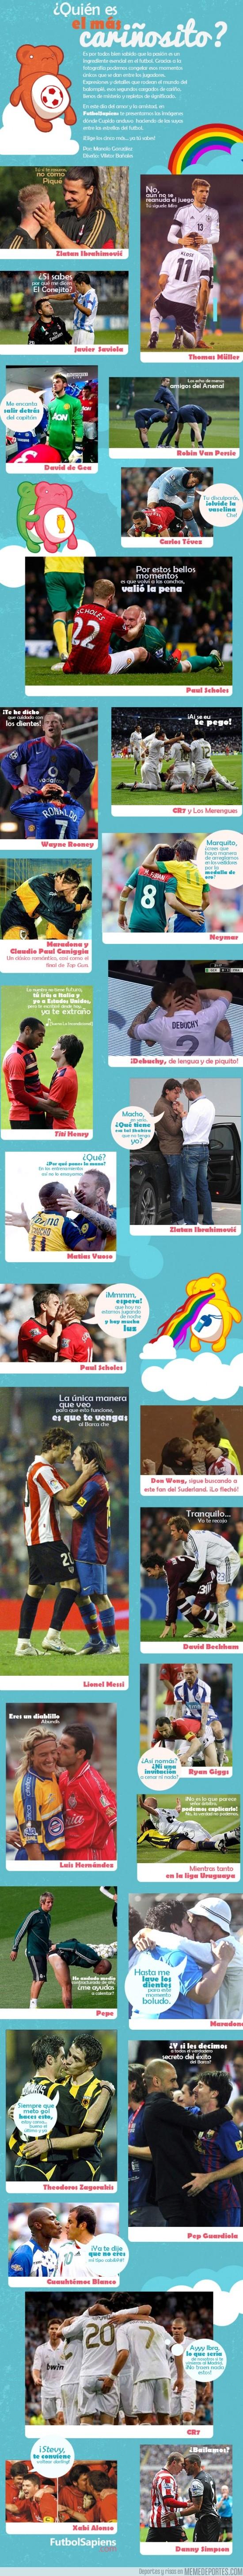 114260 - Fútbol, deporte de hombres